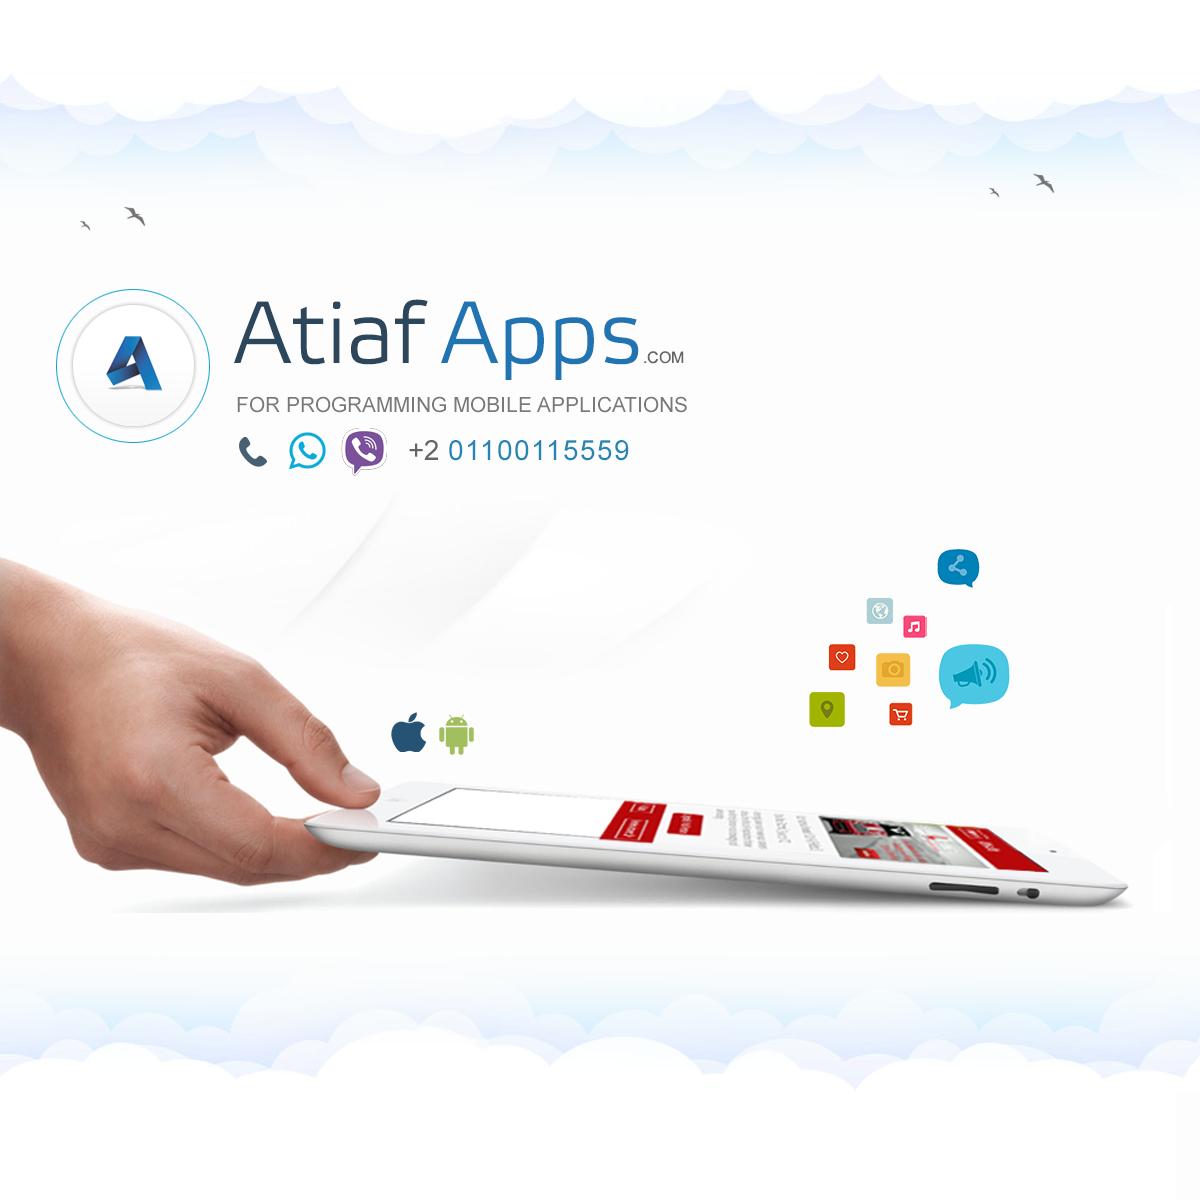 تصميم تطبيقات الجوال مع شركة اطياف للحلول المتكامله